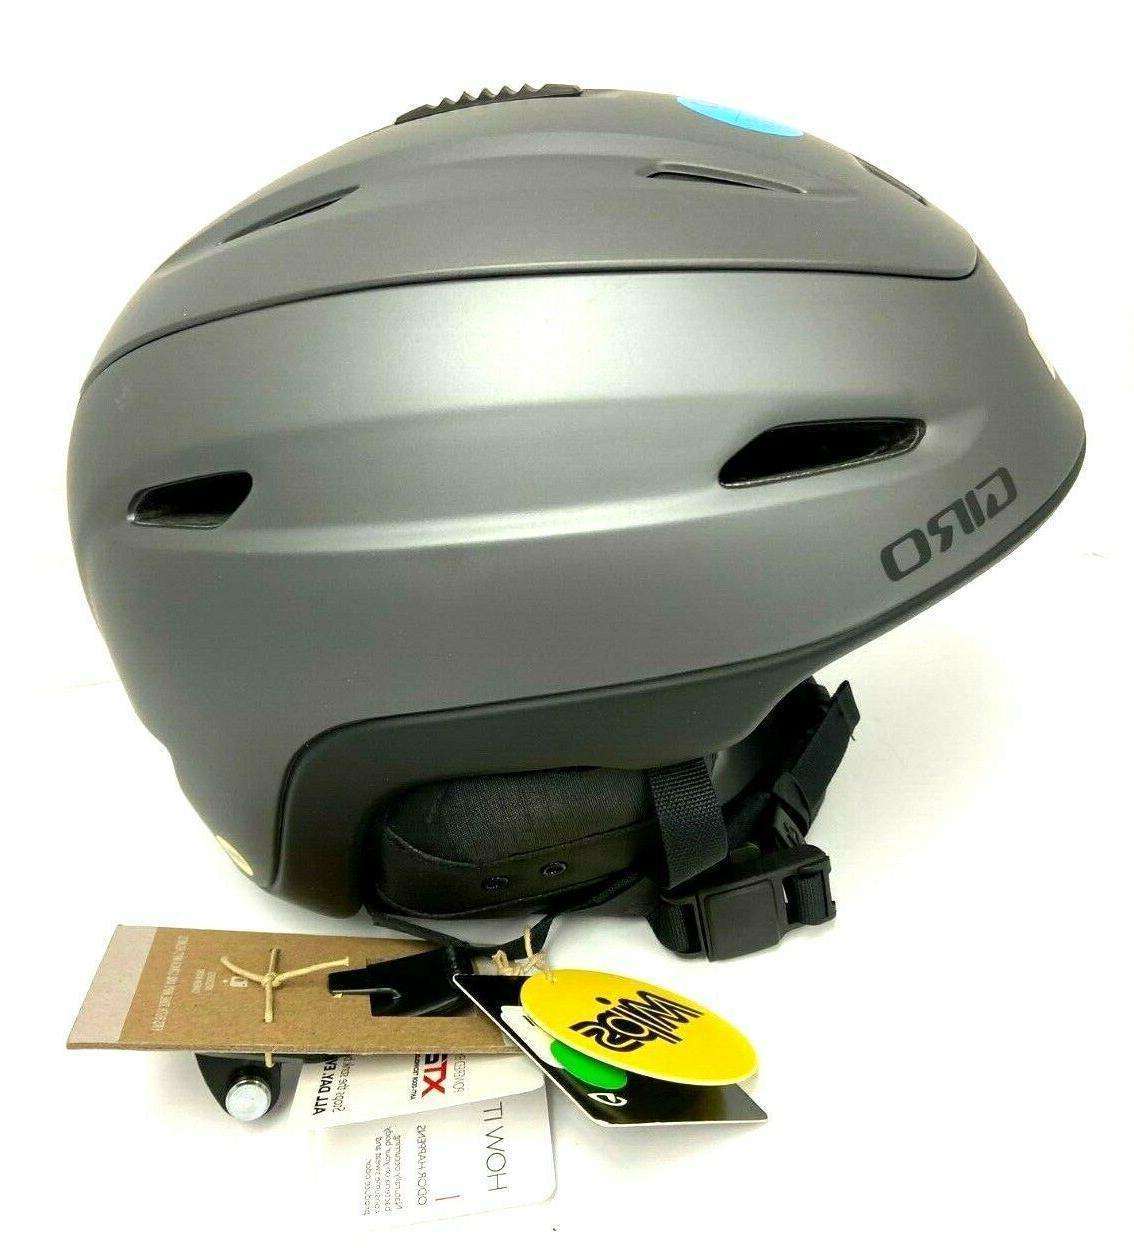 200 zone mips helmet m 55 5